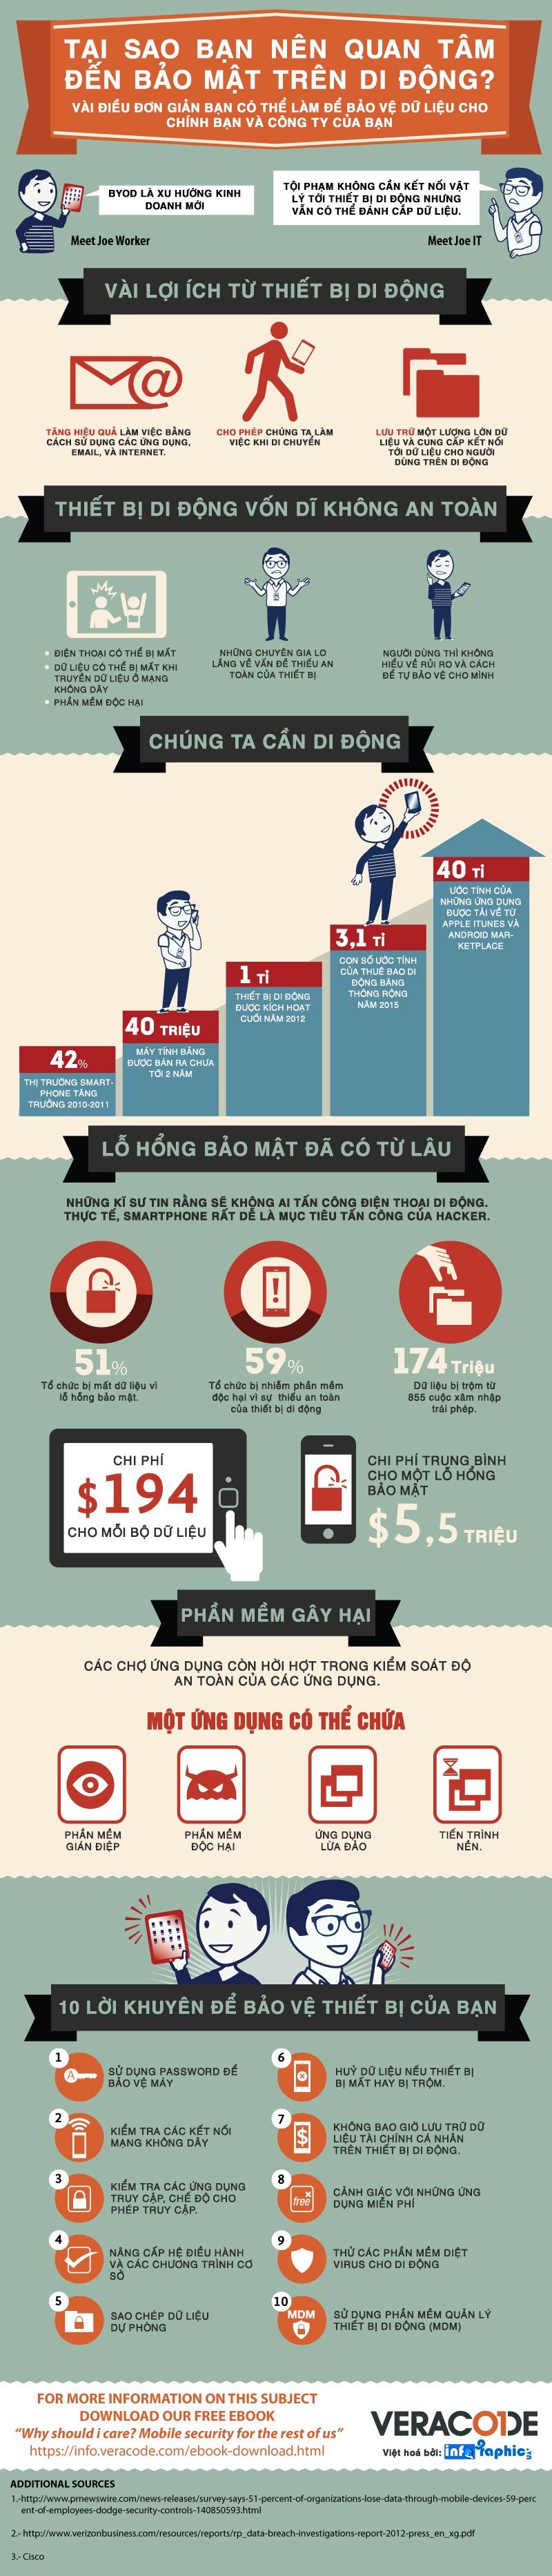 Infographic - Bảo Mật Di Động và 10 Lời khuyên hữu ích